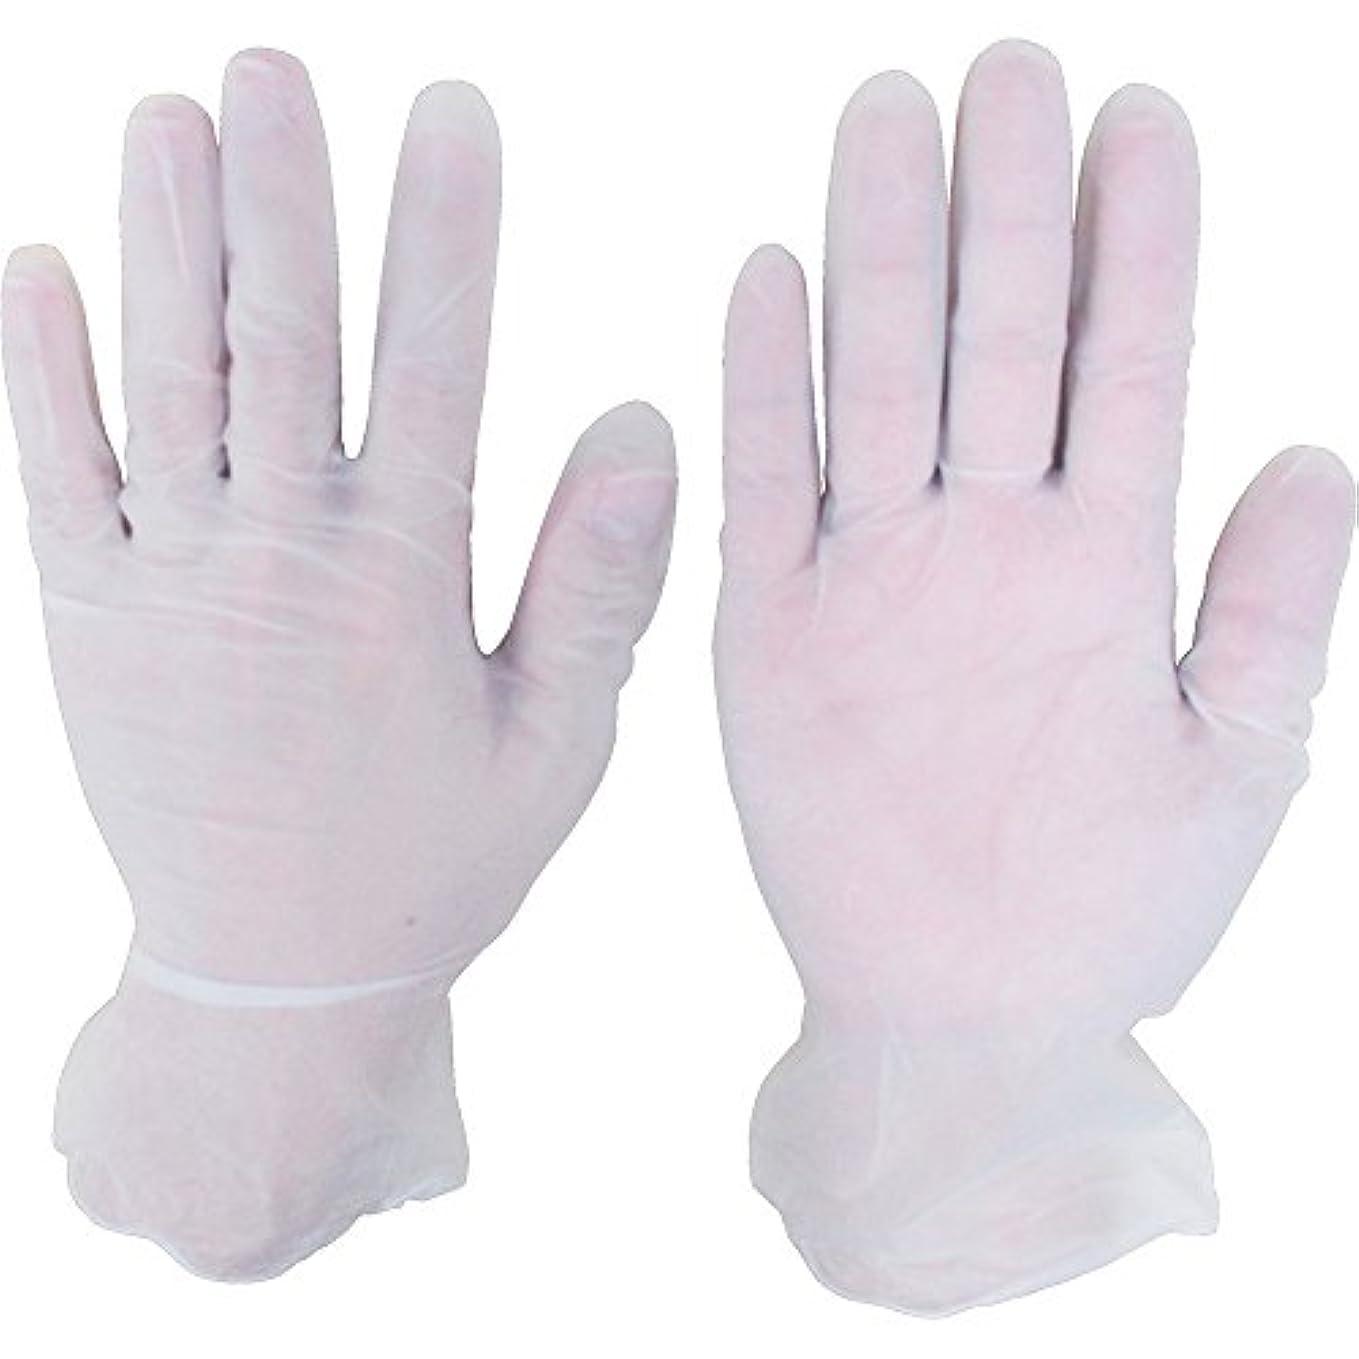 かび臭い罪人リラックスしたシンガー プラスチックグローブNo8100PF SSサイズ (100枚入) D201-SS ビニール使い捨て手袋